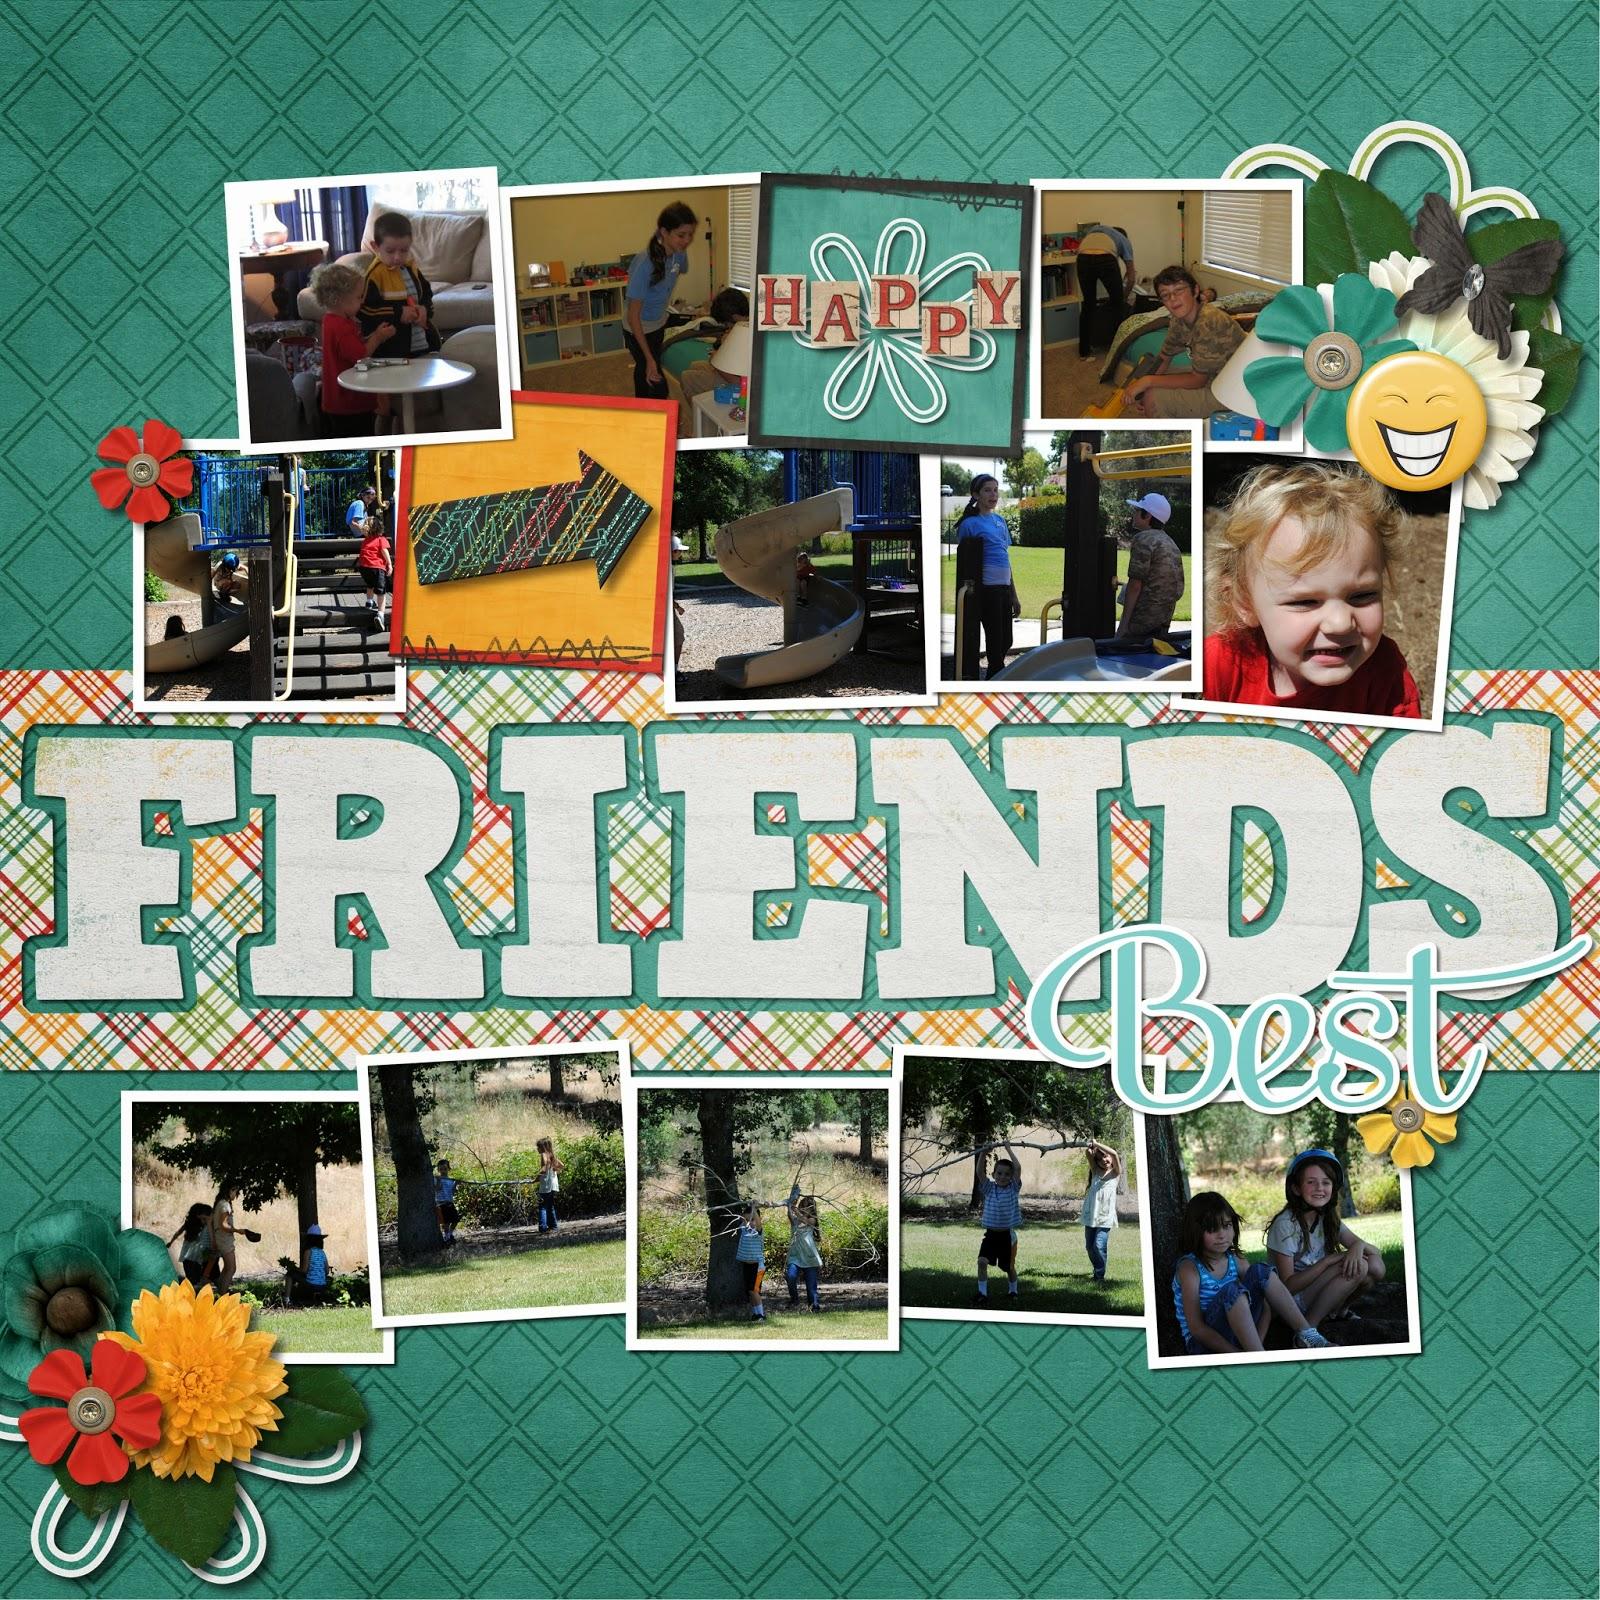 http://3.bp.blogspot.com/-9tMWXlMEke4/VNzjcoU3e4I/AAAAAAAABK8/_PcTZrfwbL0/s1600/Best%2BFriends.jpg